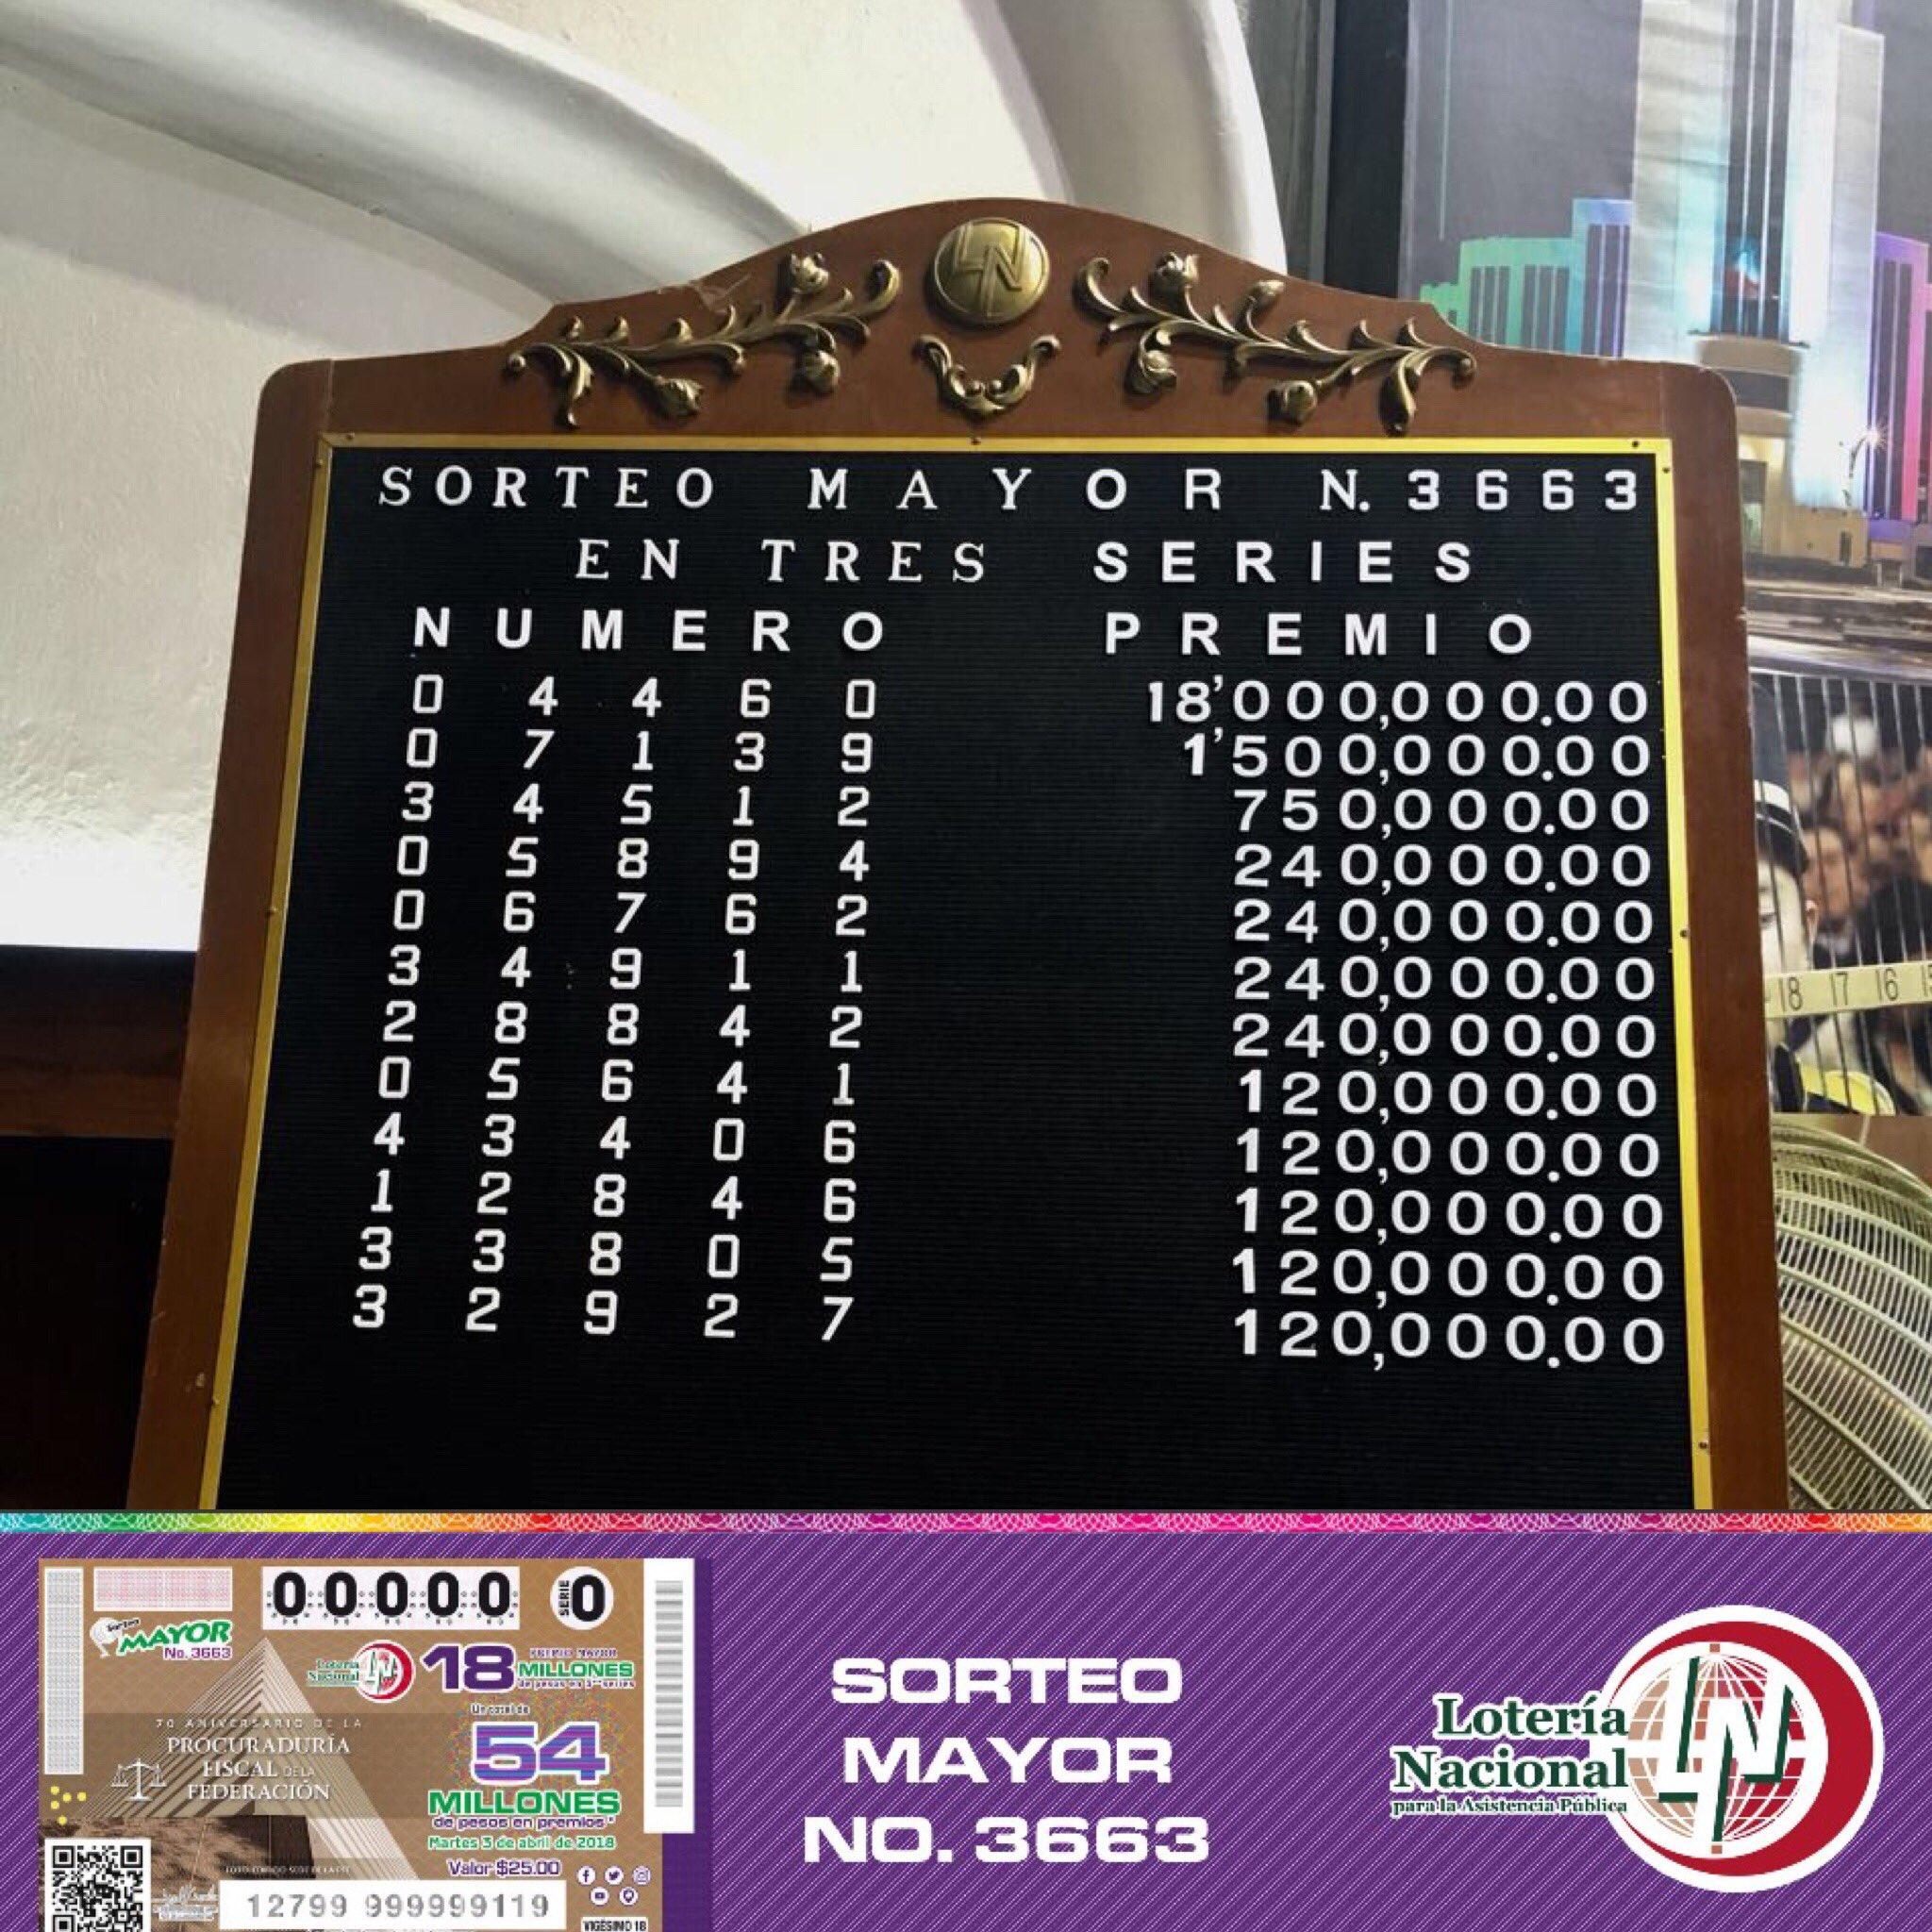 Resultados Sorteo Mayor, 3663